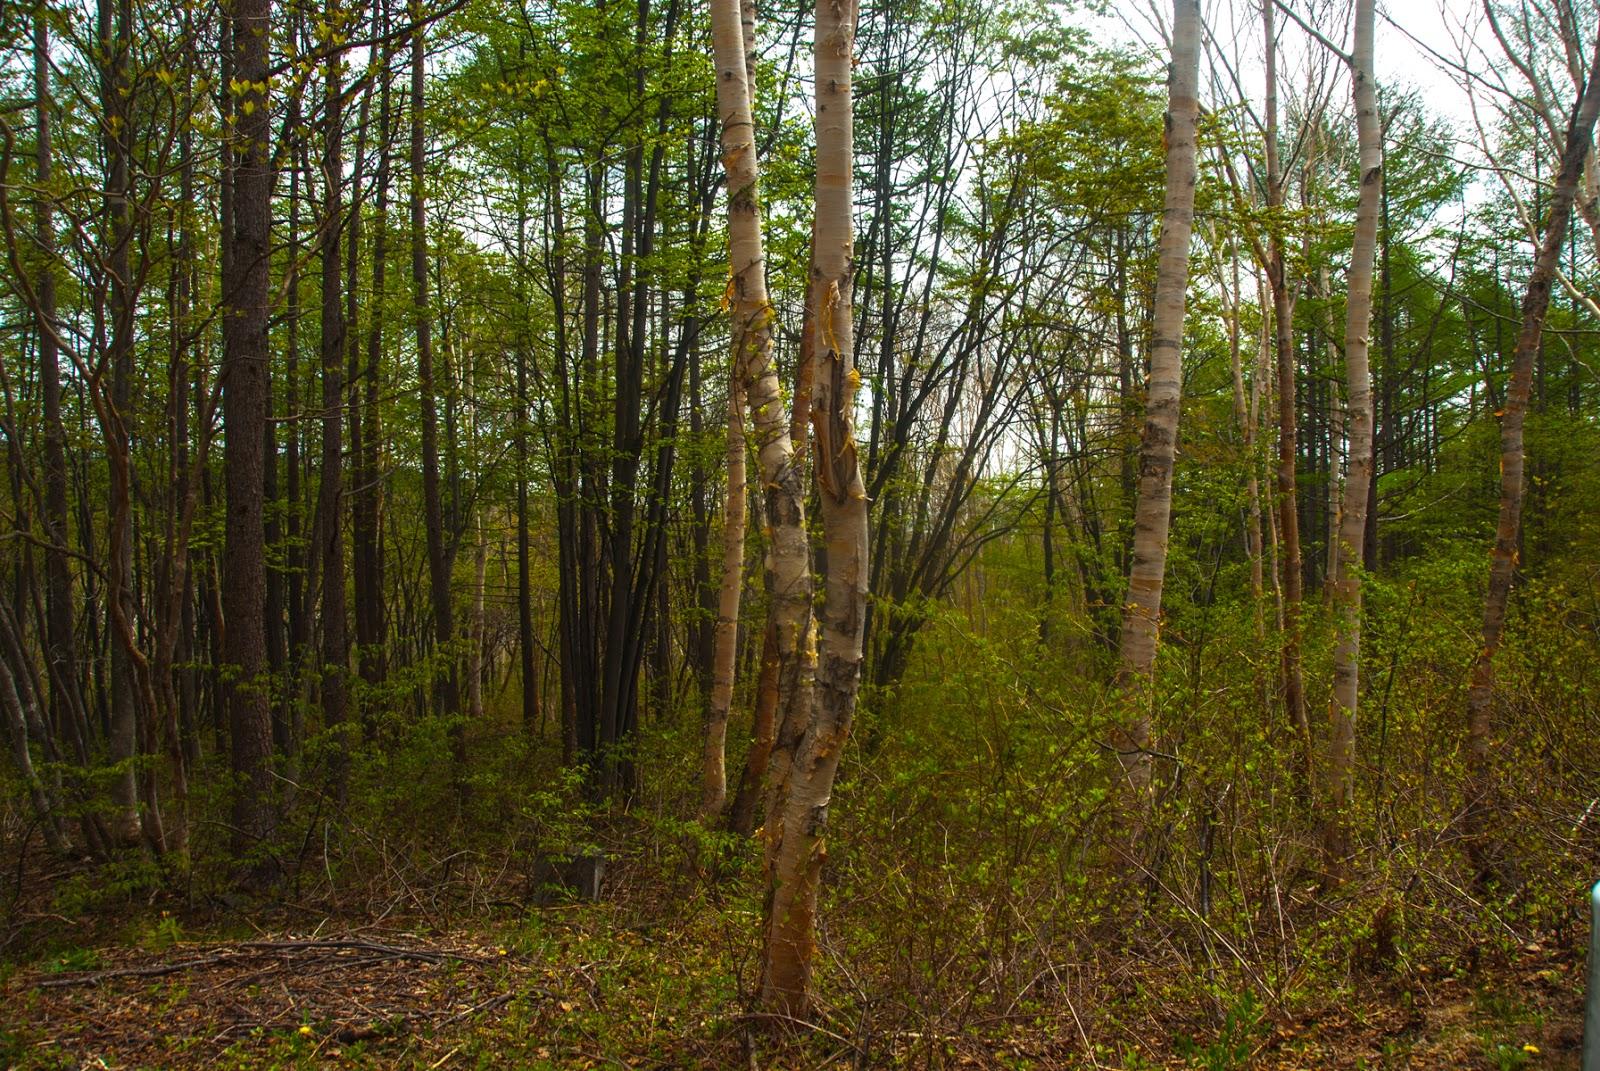 森林の中の白い木